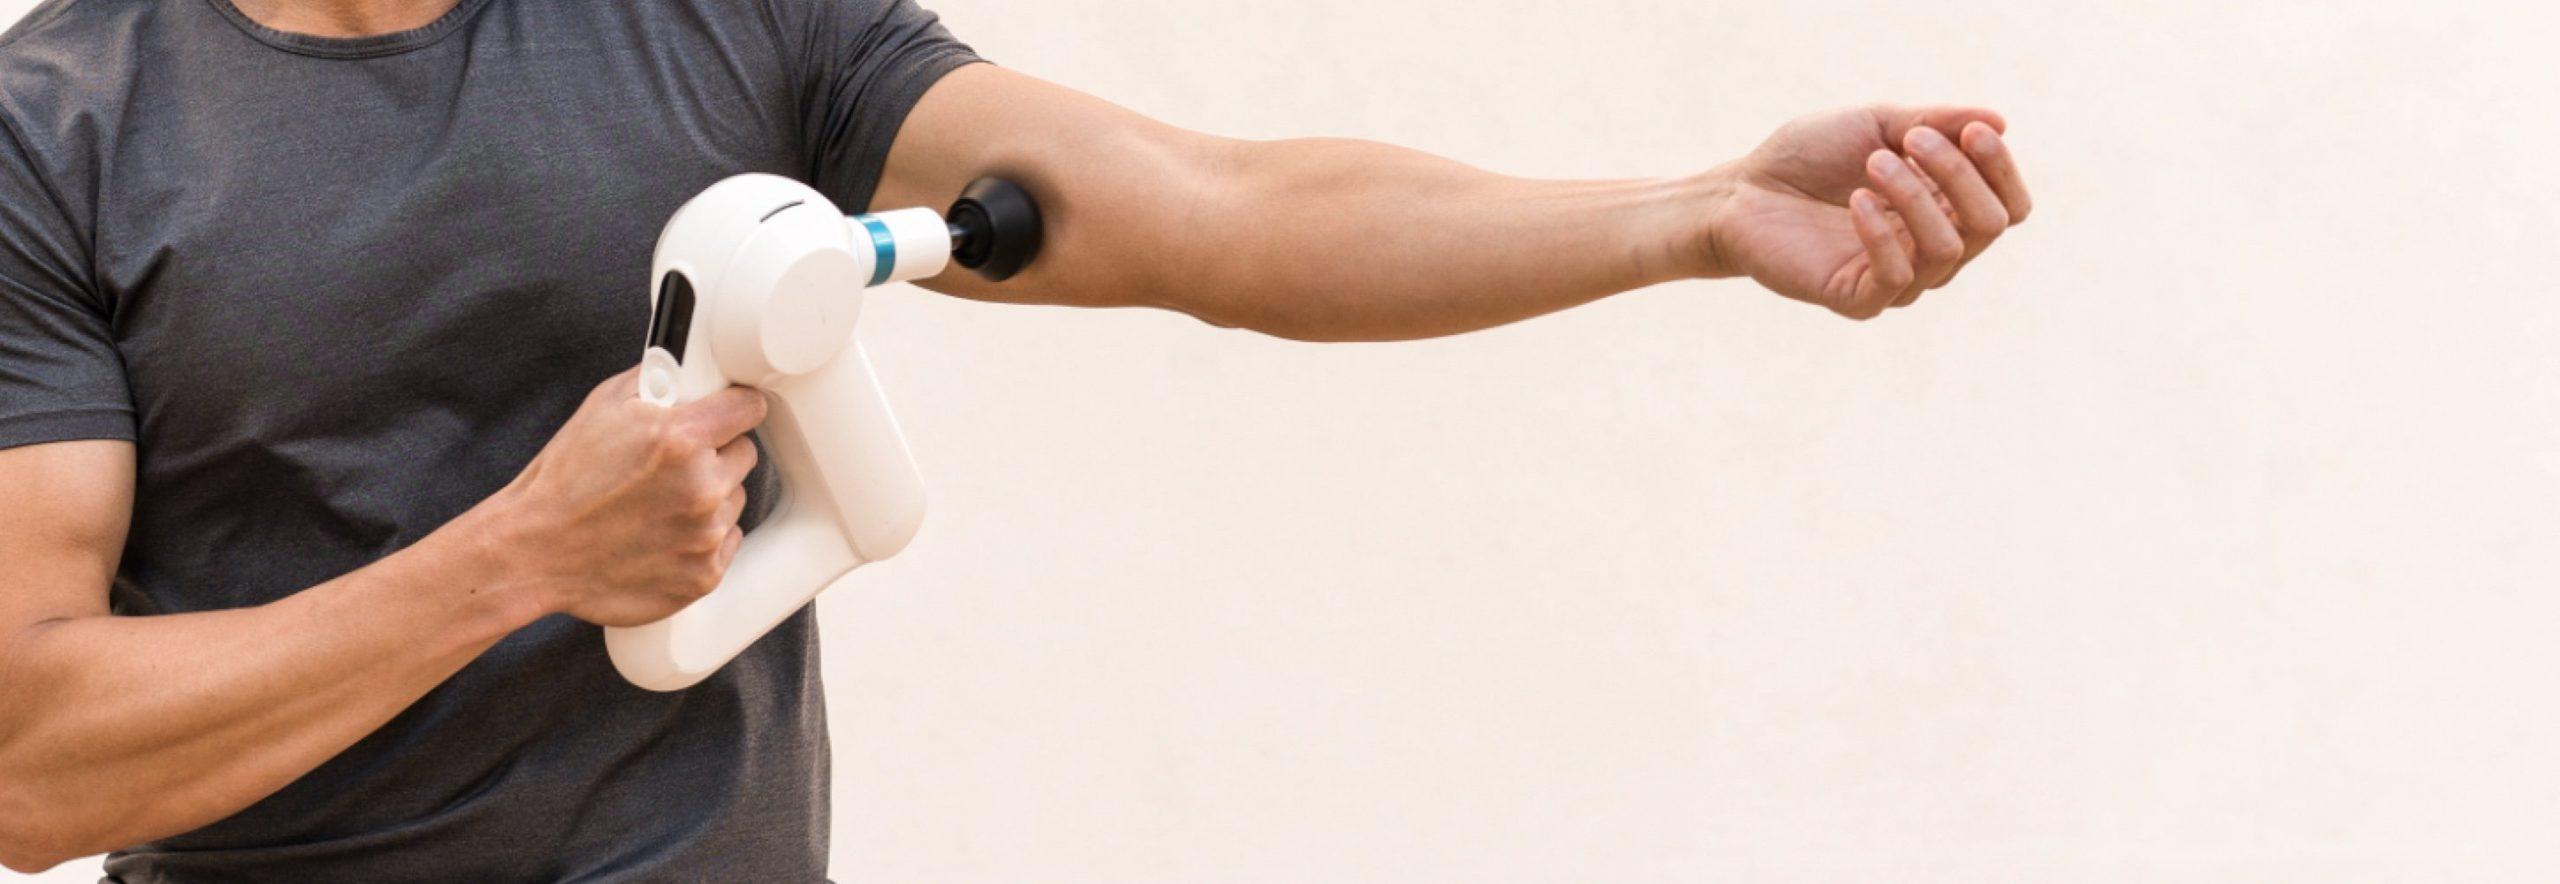 How Massage Guns Can Help With Shin Splints